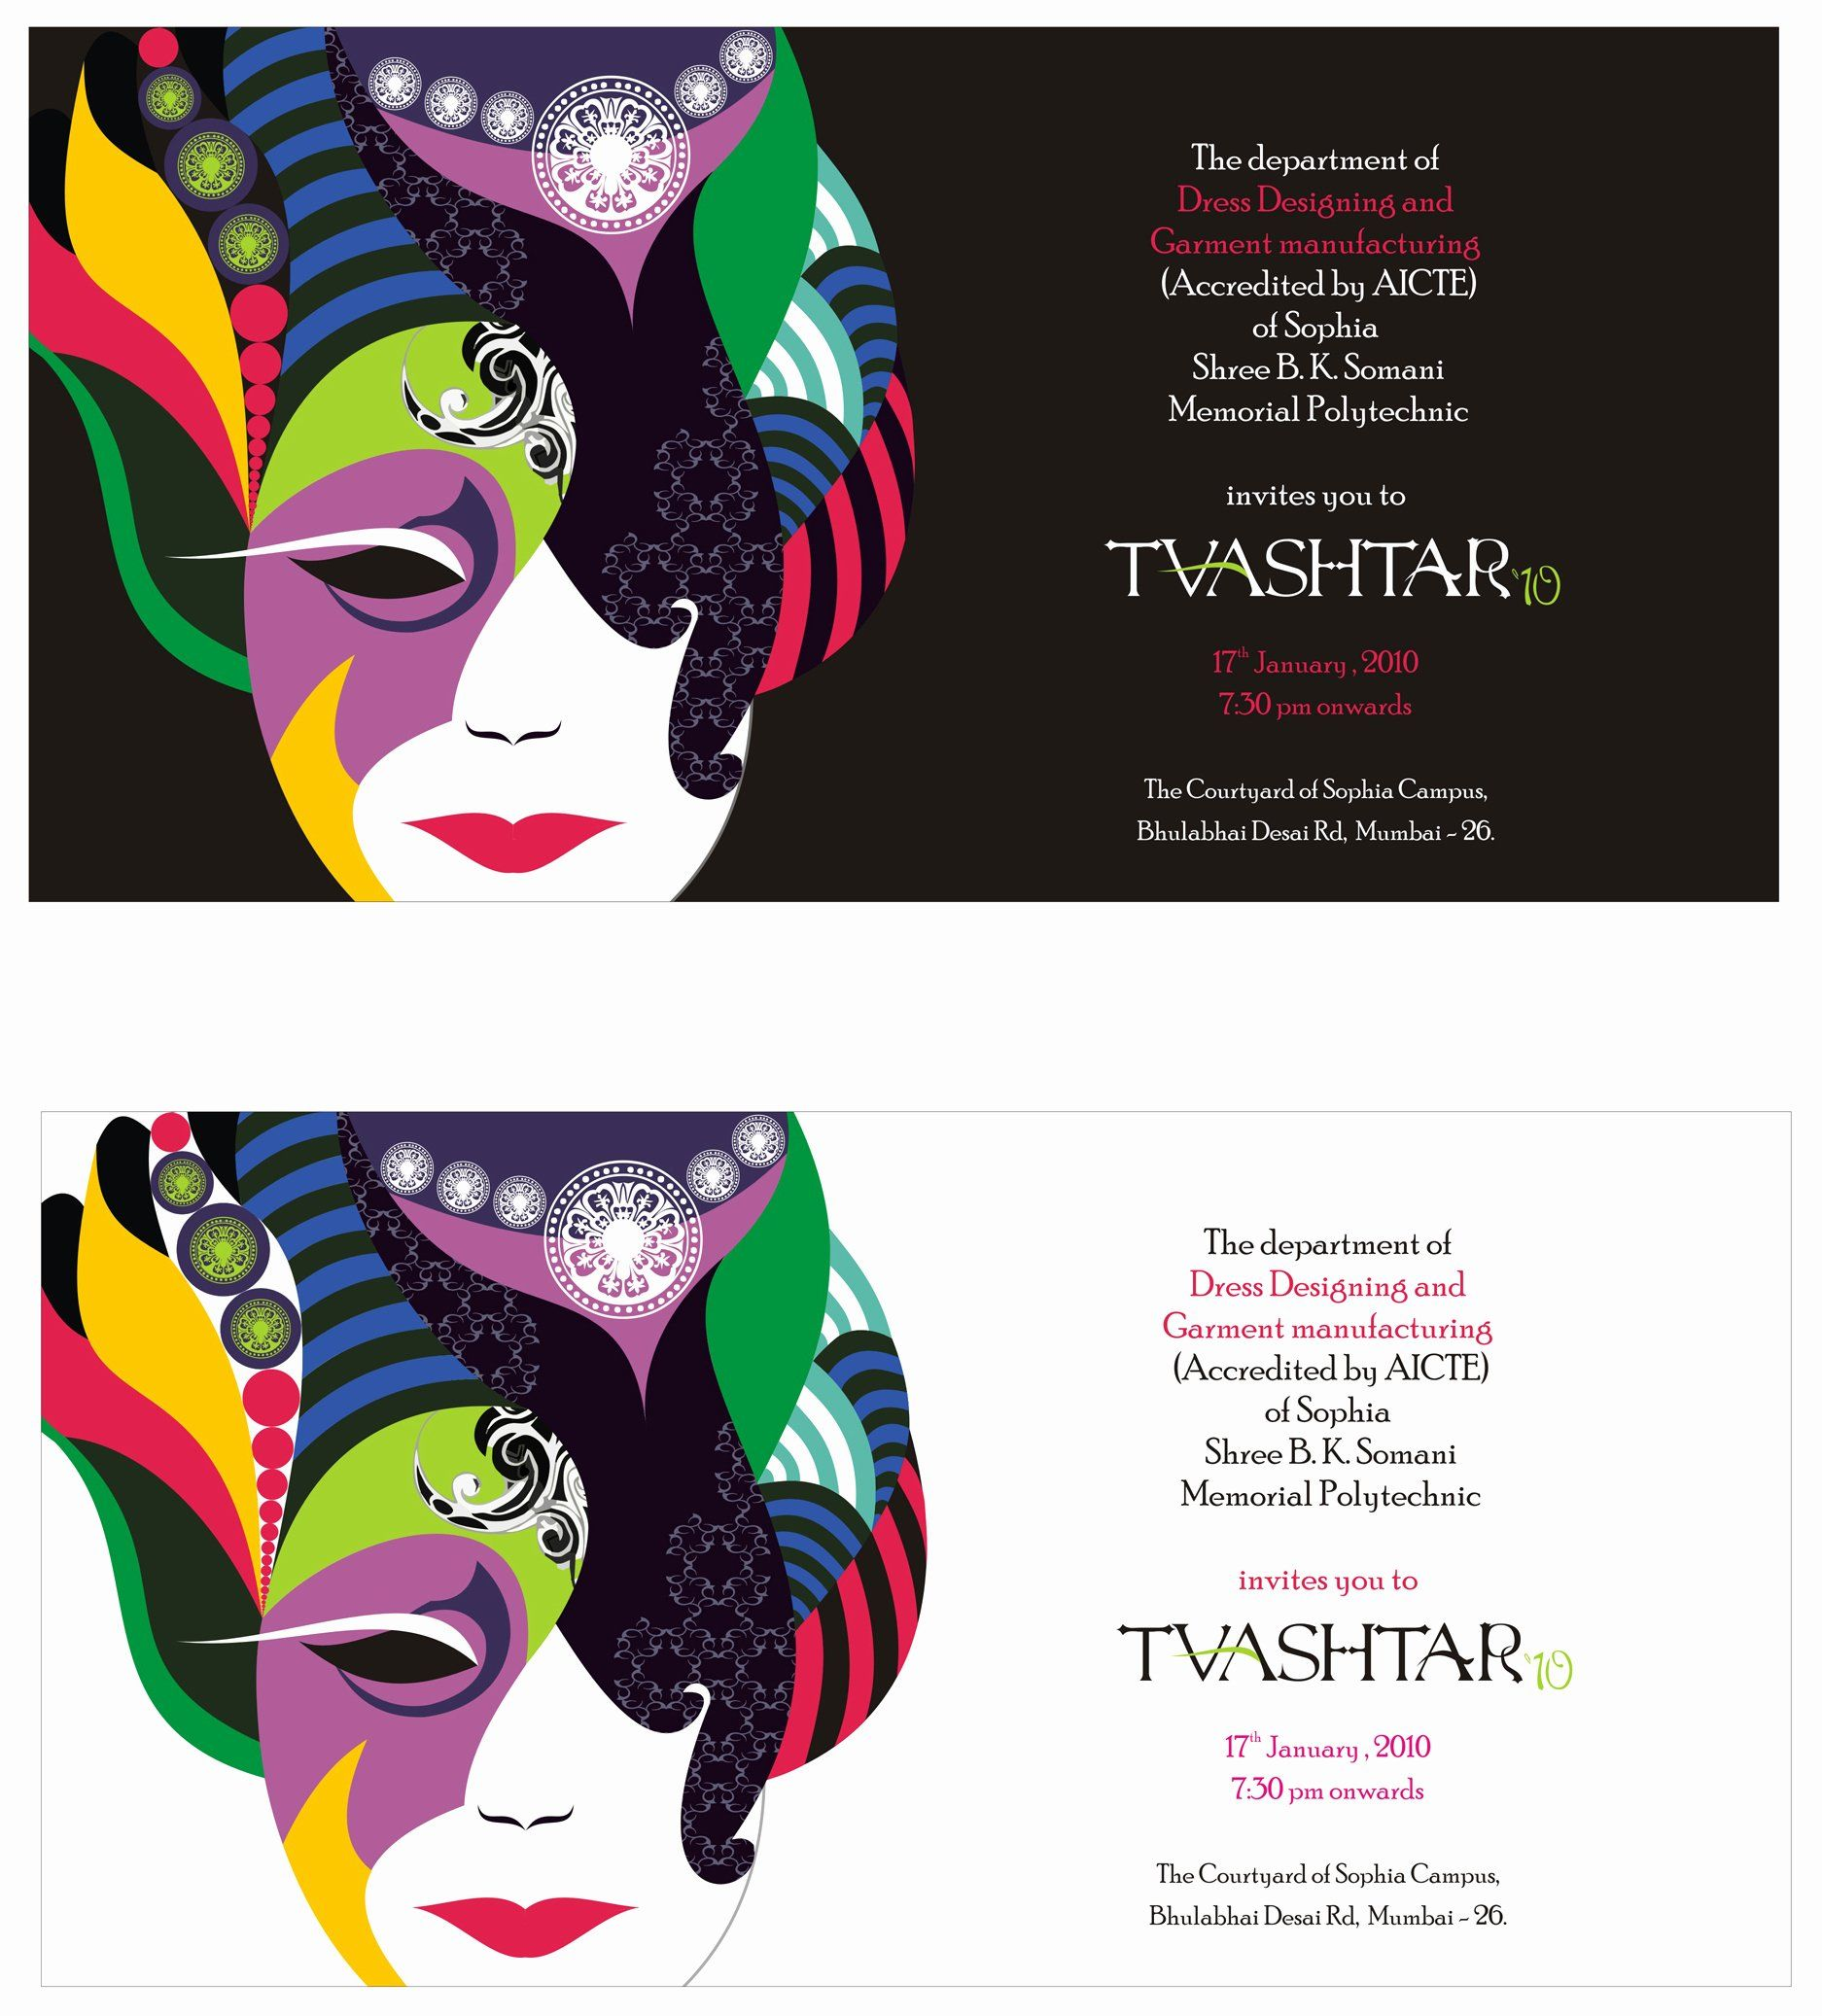 Fashion Show Invitation Template Unique Mozaik Event Invitation Event Invitation Templates Diy Wedding Invitations Templates